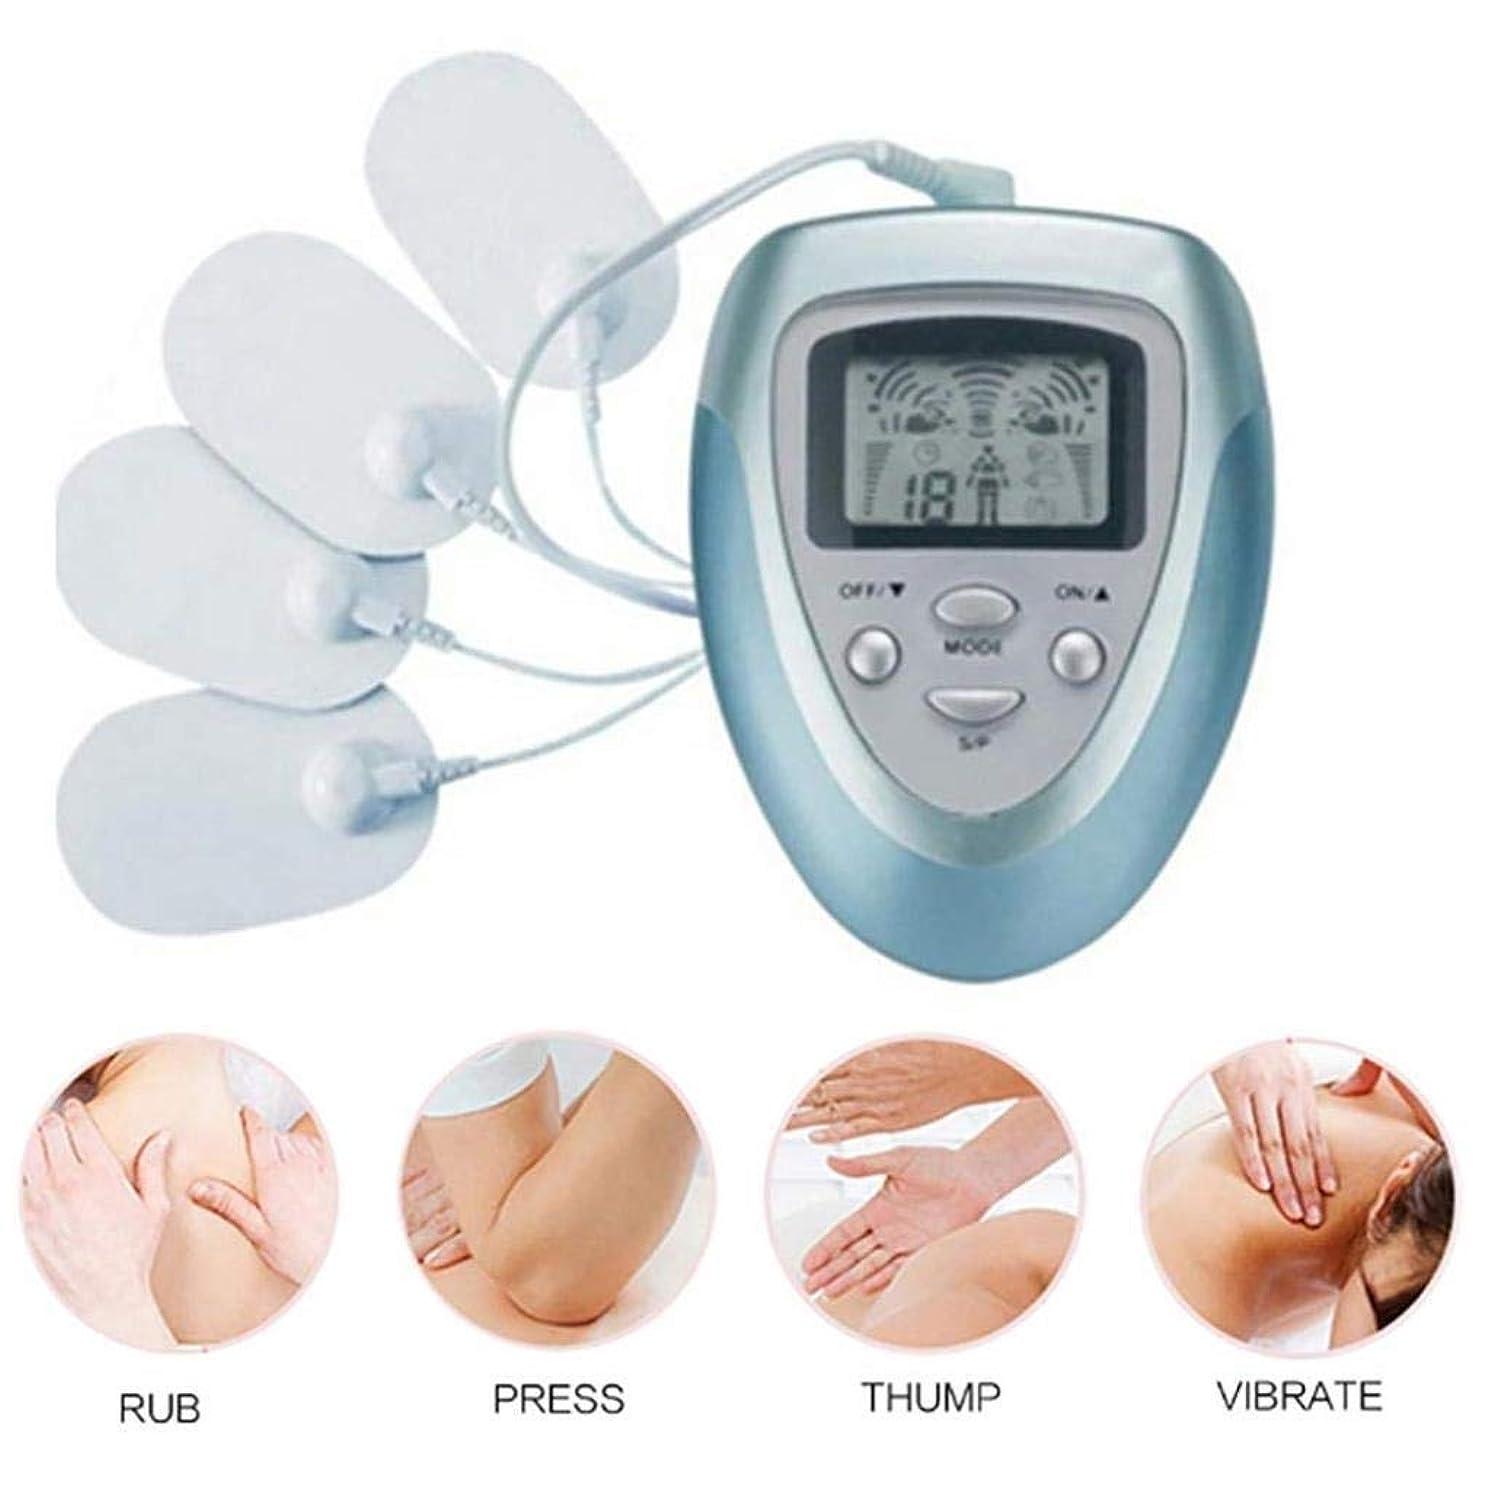 離れた古代薬理学電気マッサージ器、電子パルスマッサージ器、EMS刺激、ボディリラクゼーション筋肉、パルス+鍼灸マッサージ、痛みを軽減します